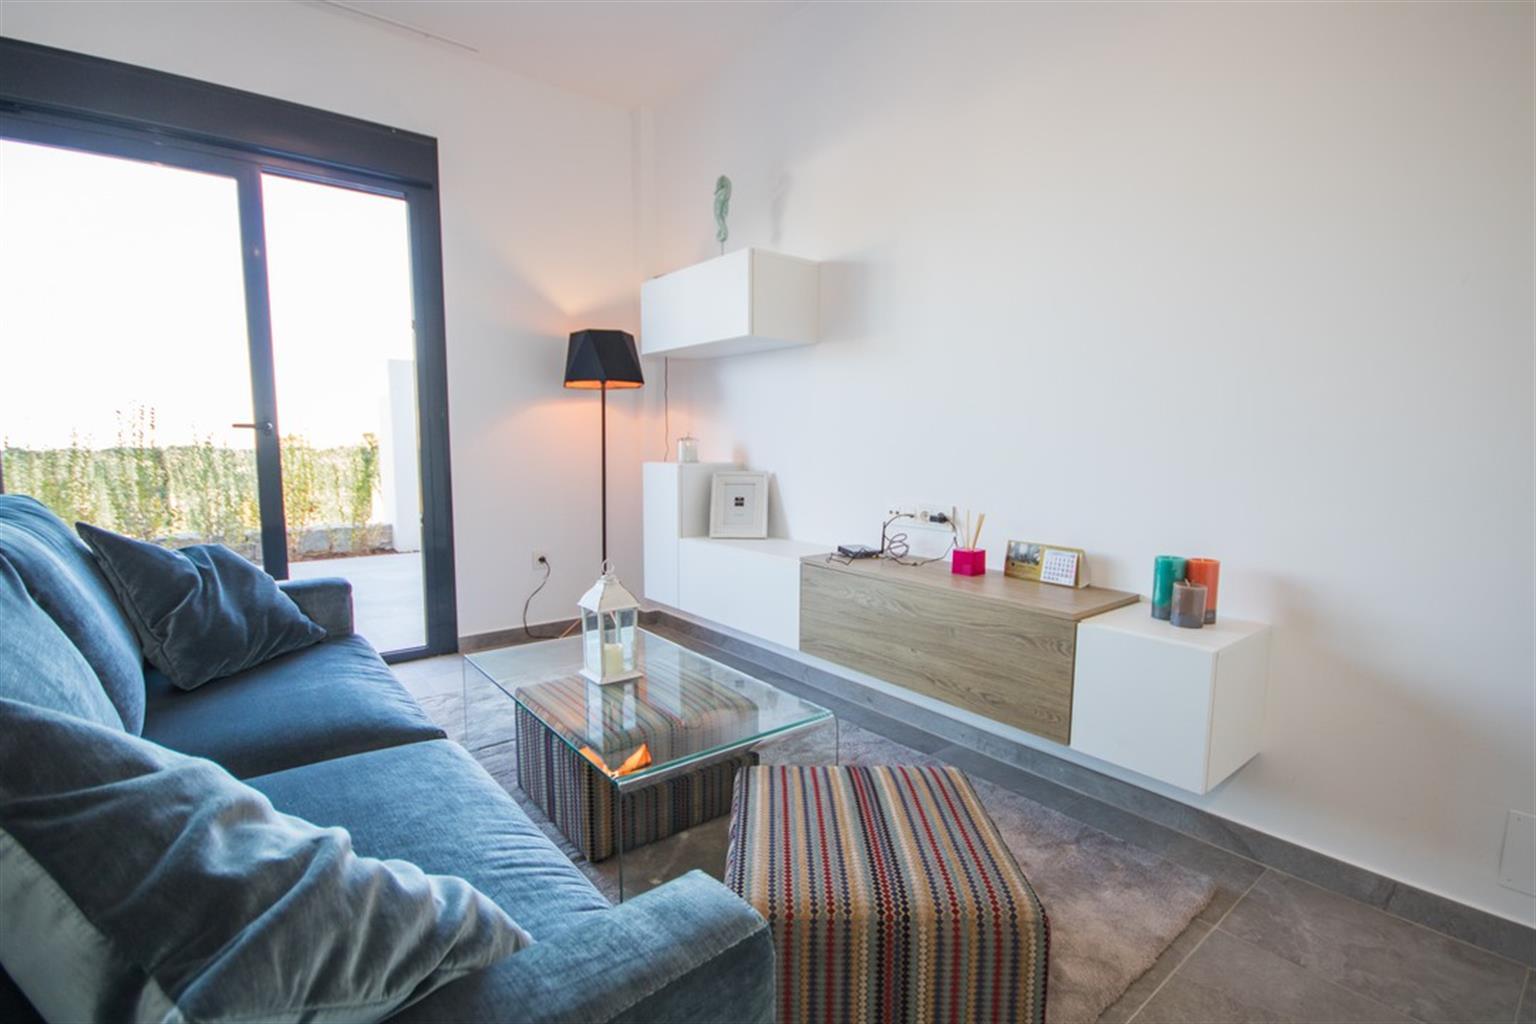 Appartement - Los Balcones  - #4231453-2